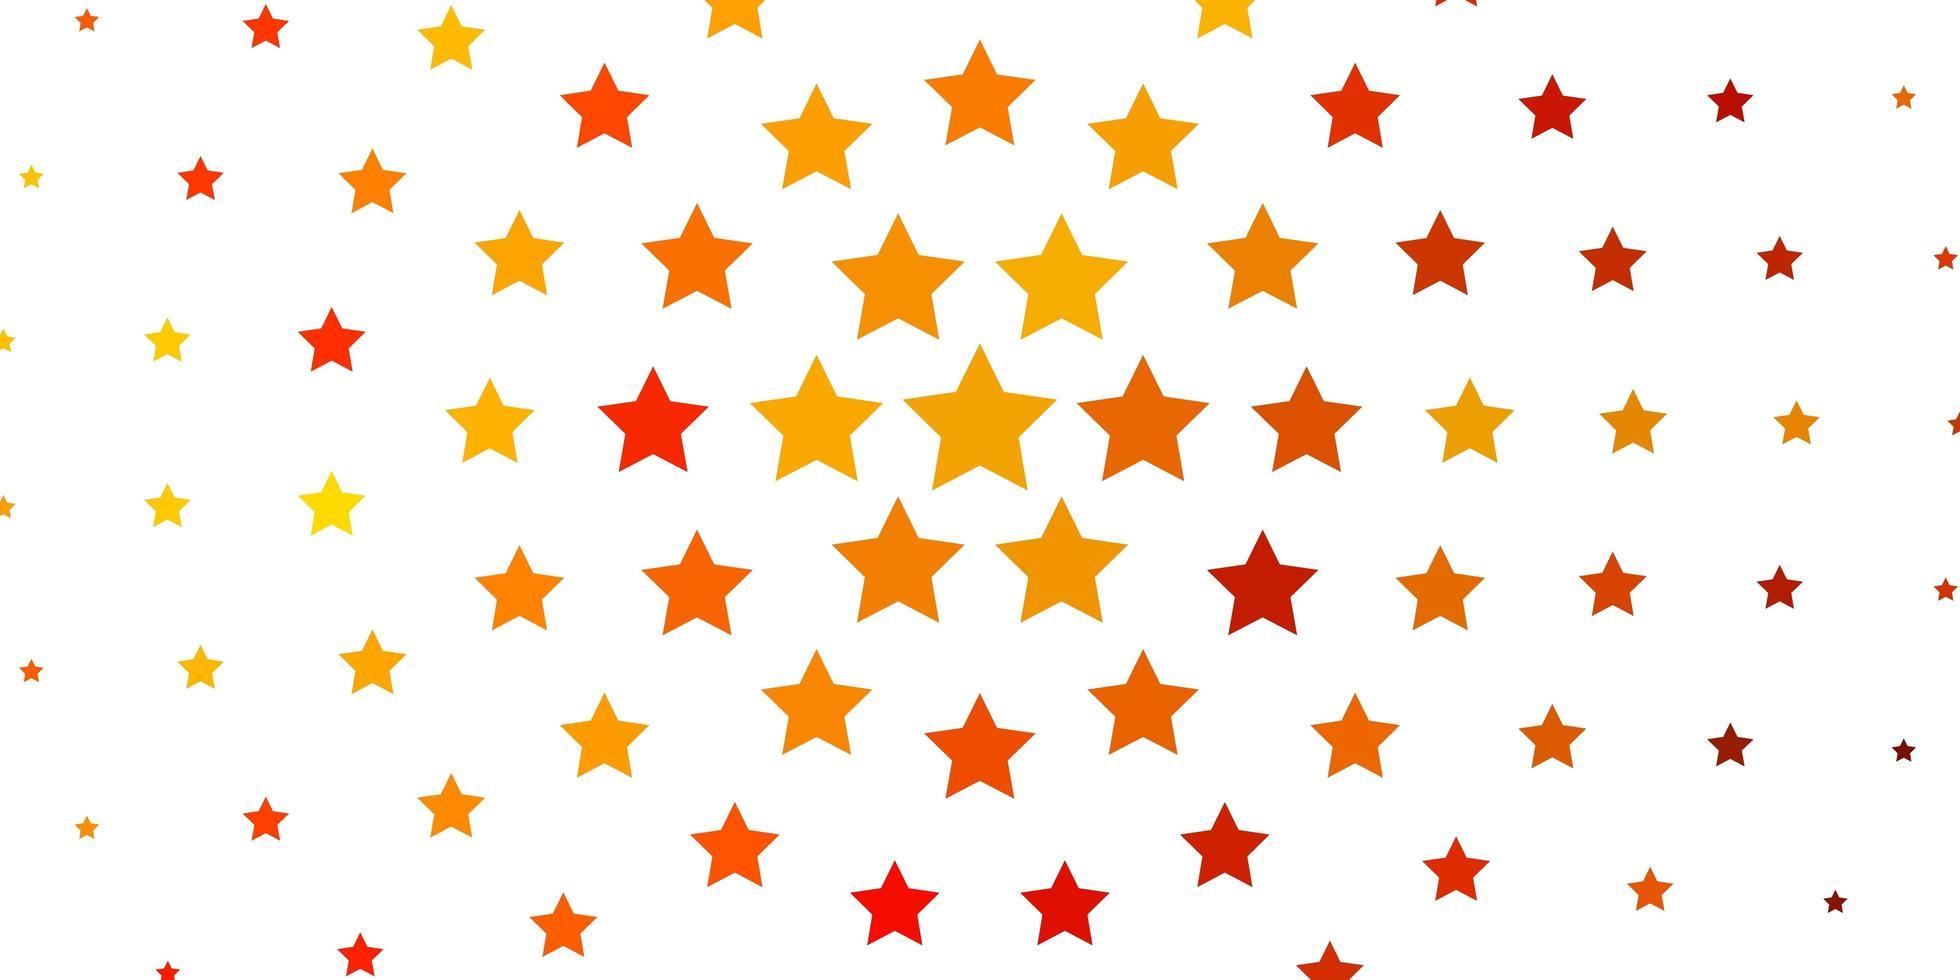 fond de vecteur jaune clair avec des étoiles colorées.